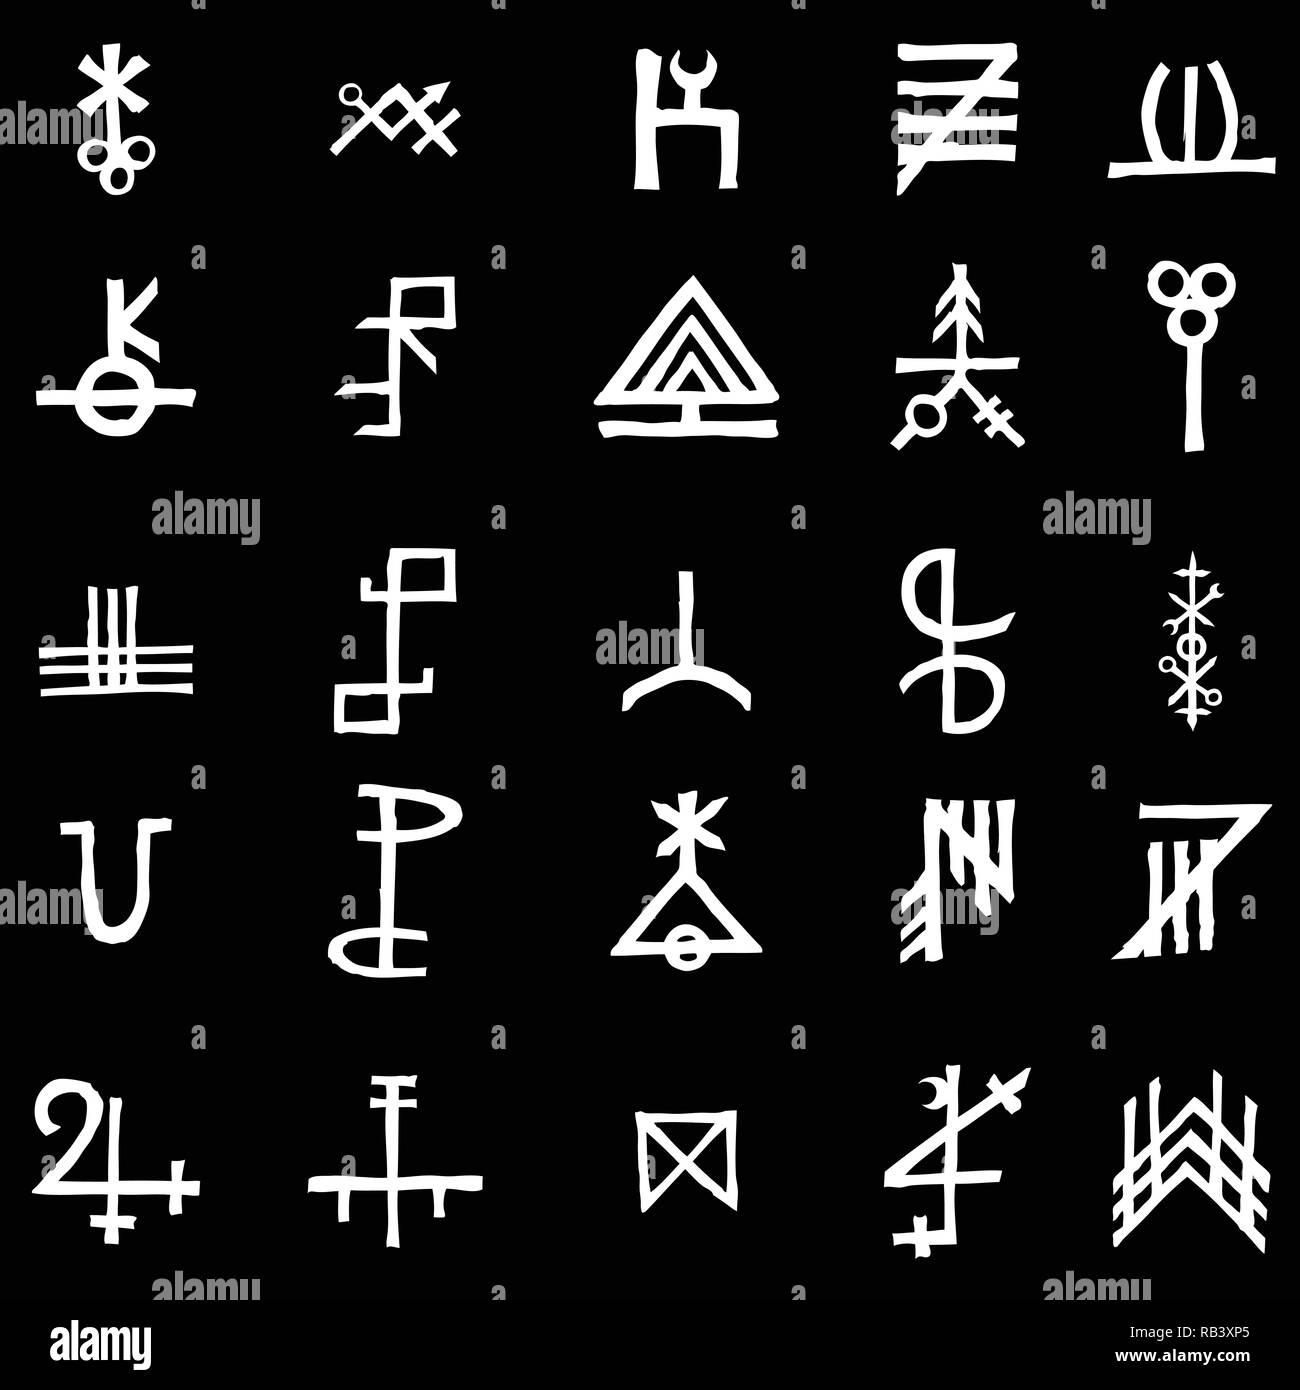 Set mit mystischen und okkulten Symbolen. Hand gezeichnet und Alphabet Zeichen geschrieben. Spirituelle Masonic tattoo Ideen. Vektor. Stockbild